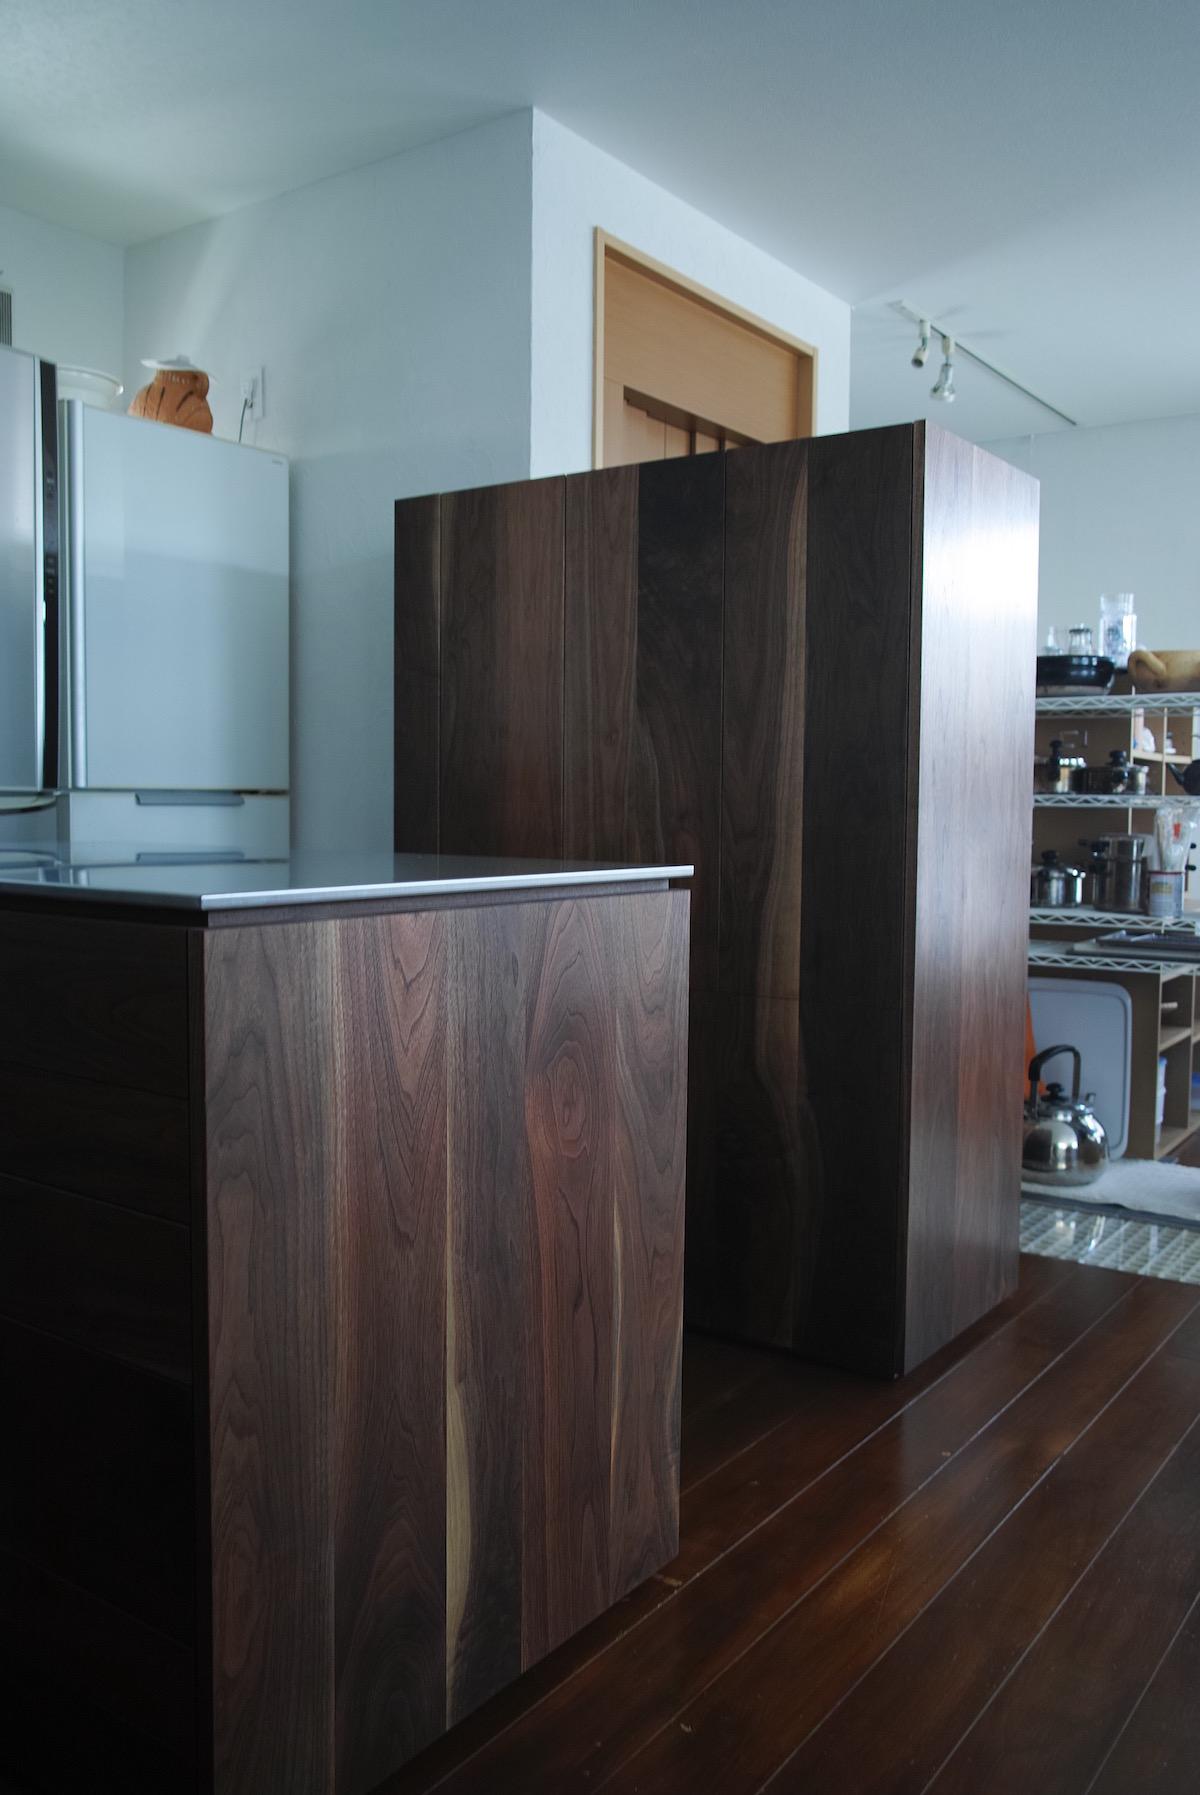 ウォールナットの食器棚